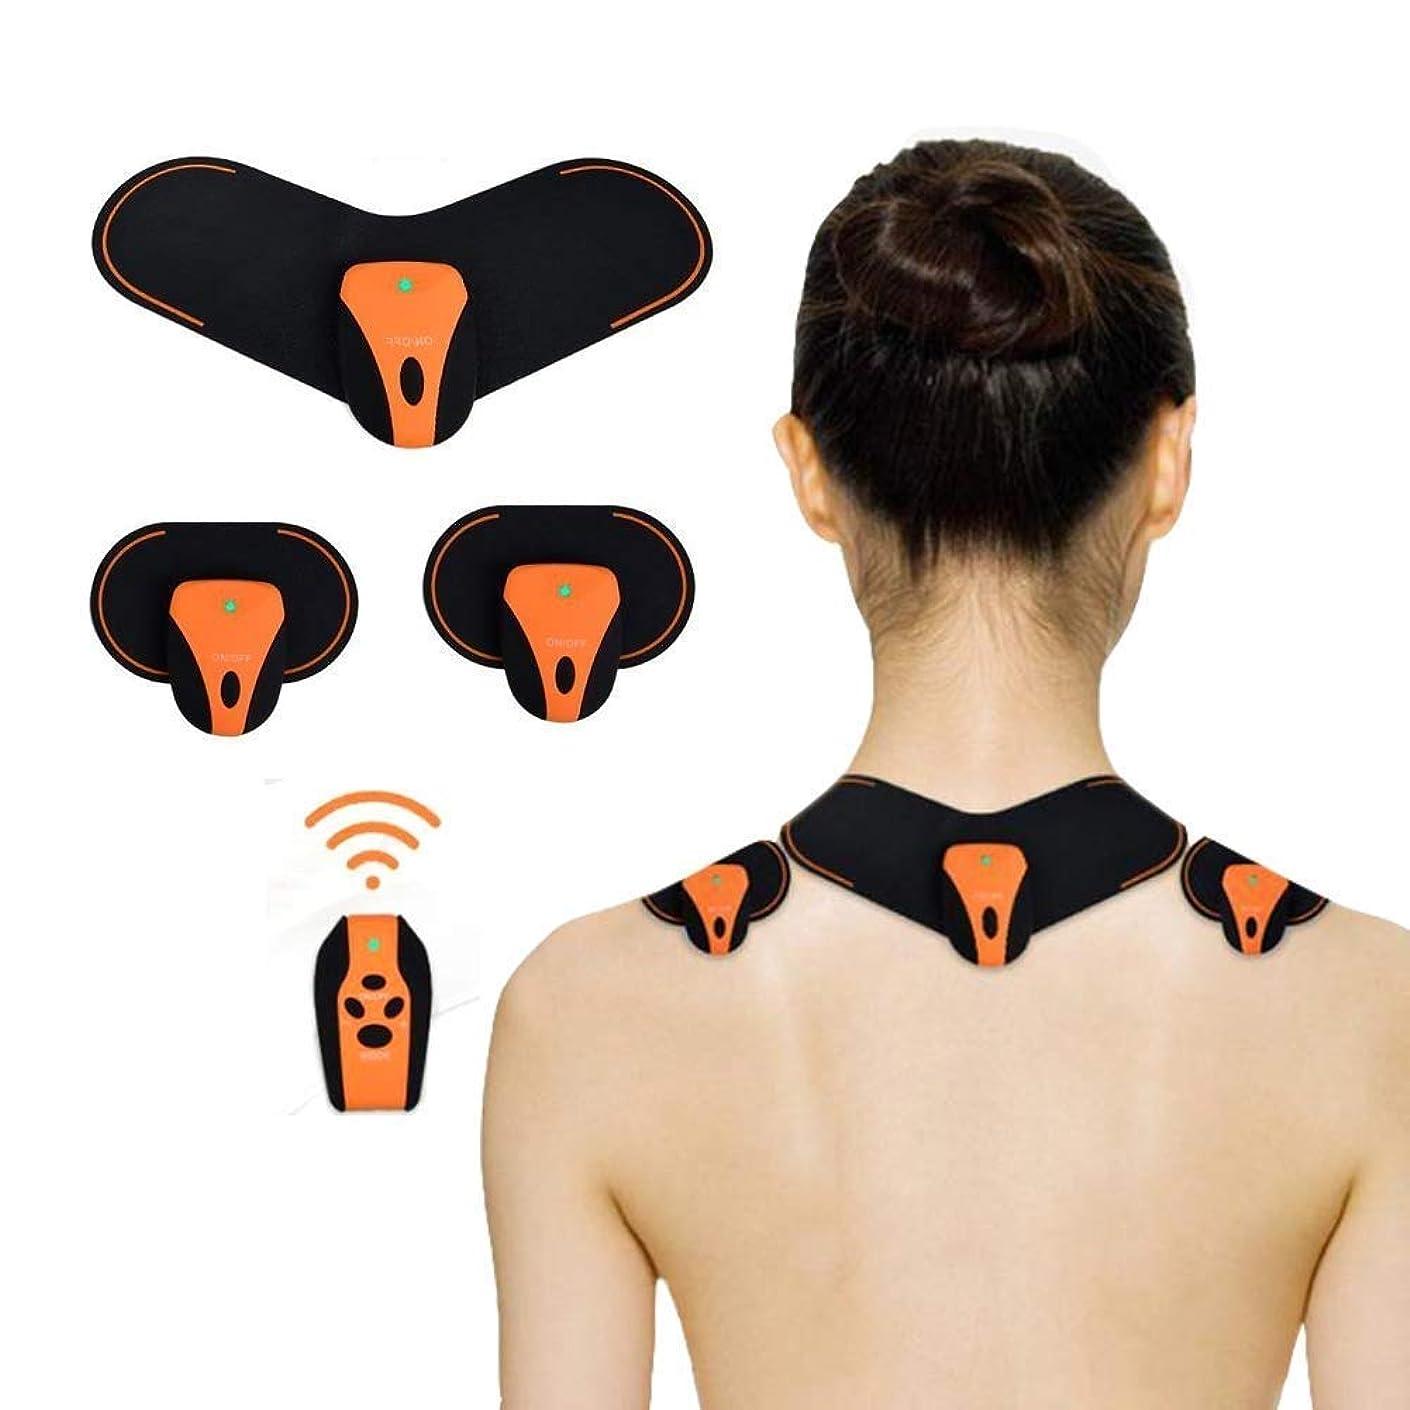 部ラフ睡眠注入マッサージステッカー 電子筋肉刺激物機械、線維筋痛症/関節炎/肩/神経/首/背部苦痛の救助のための脈拍の刺激物EMS 10の機械、疼痛のリハビリテーションのための電気マッサージャー